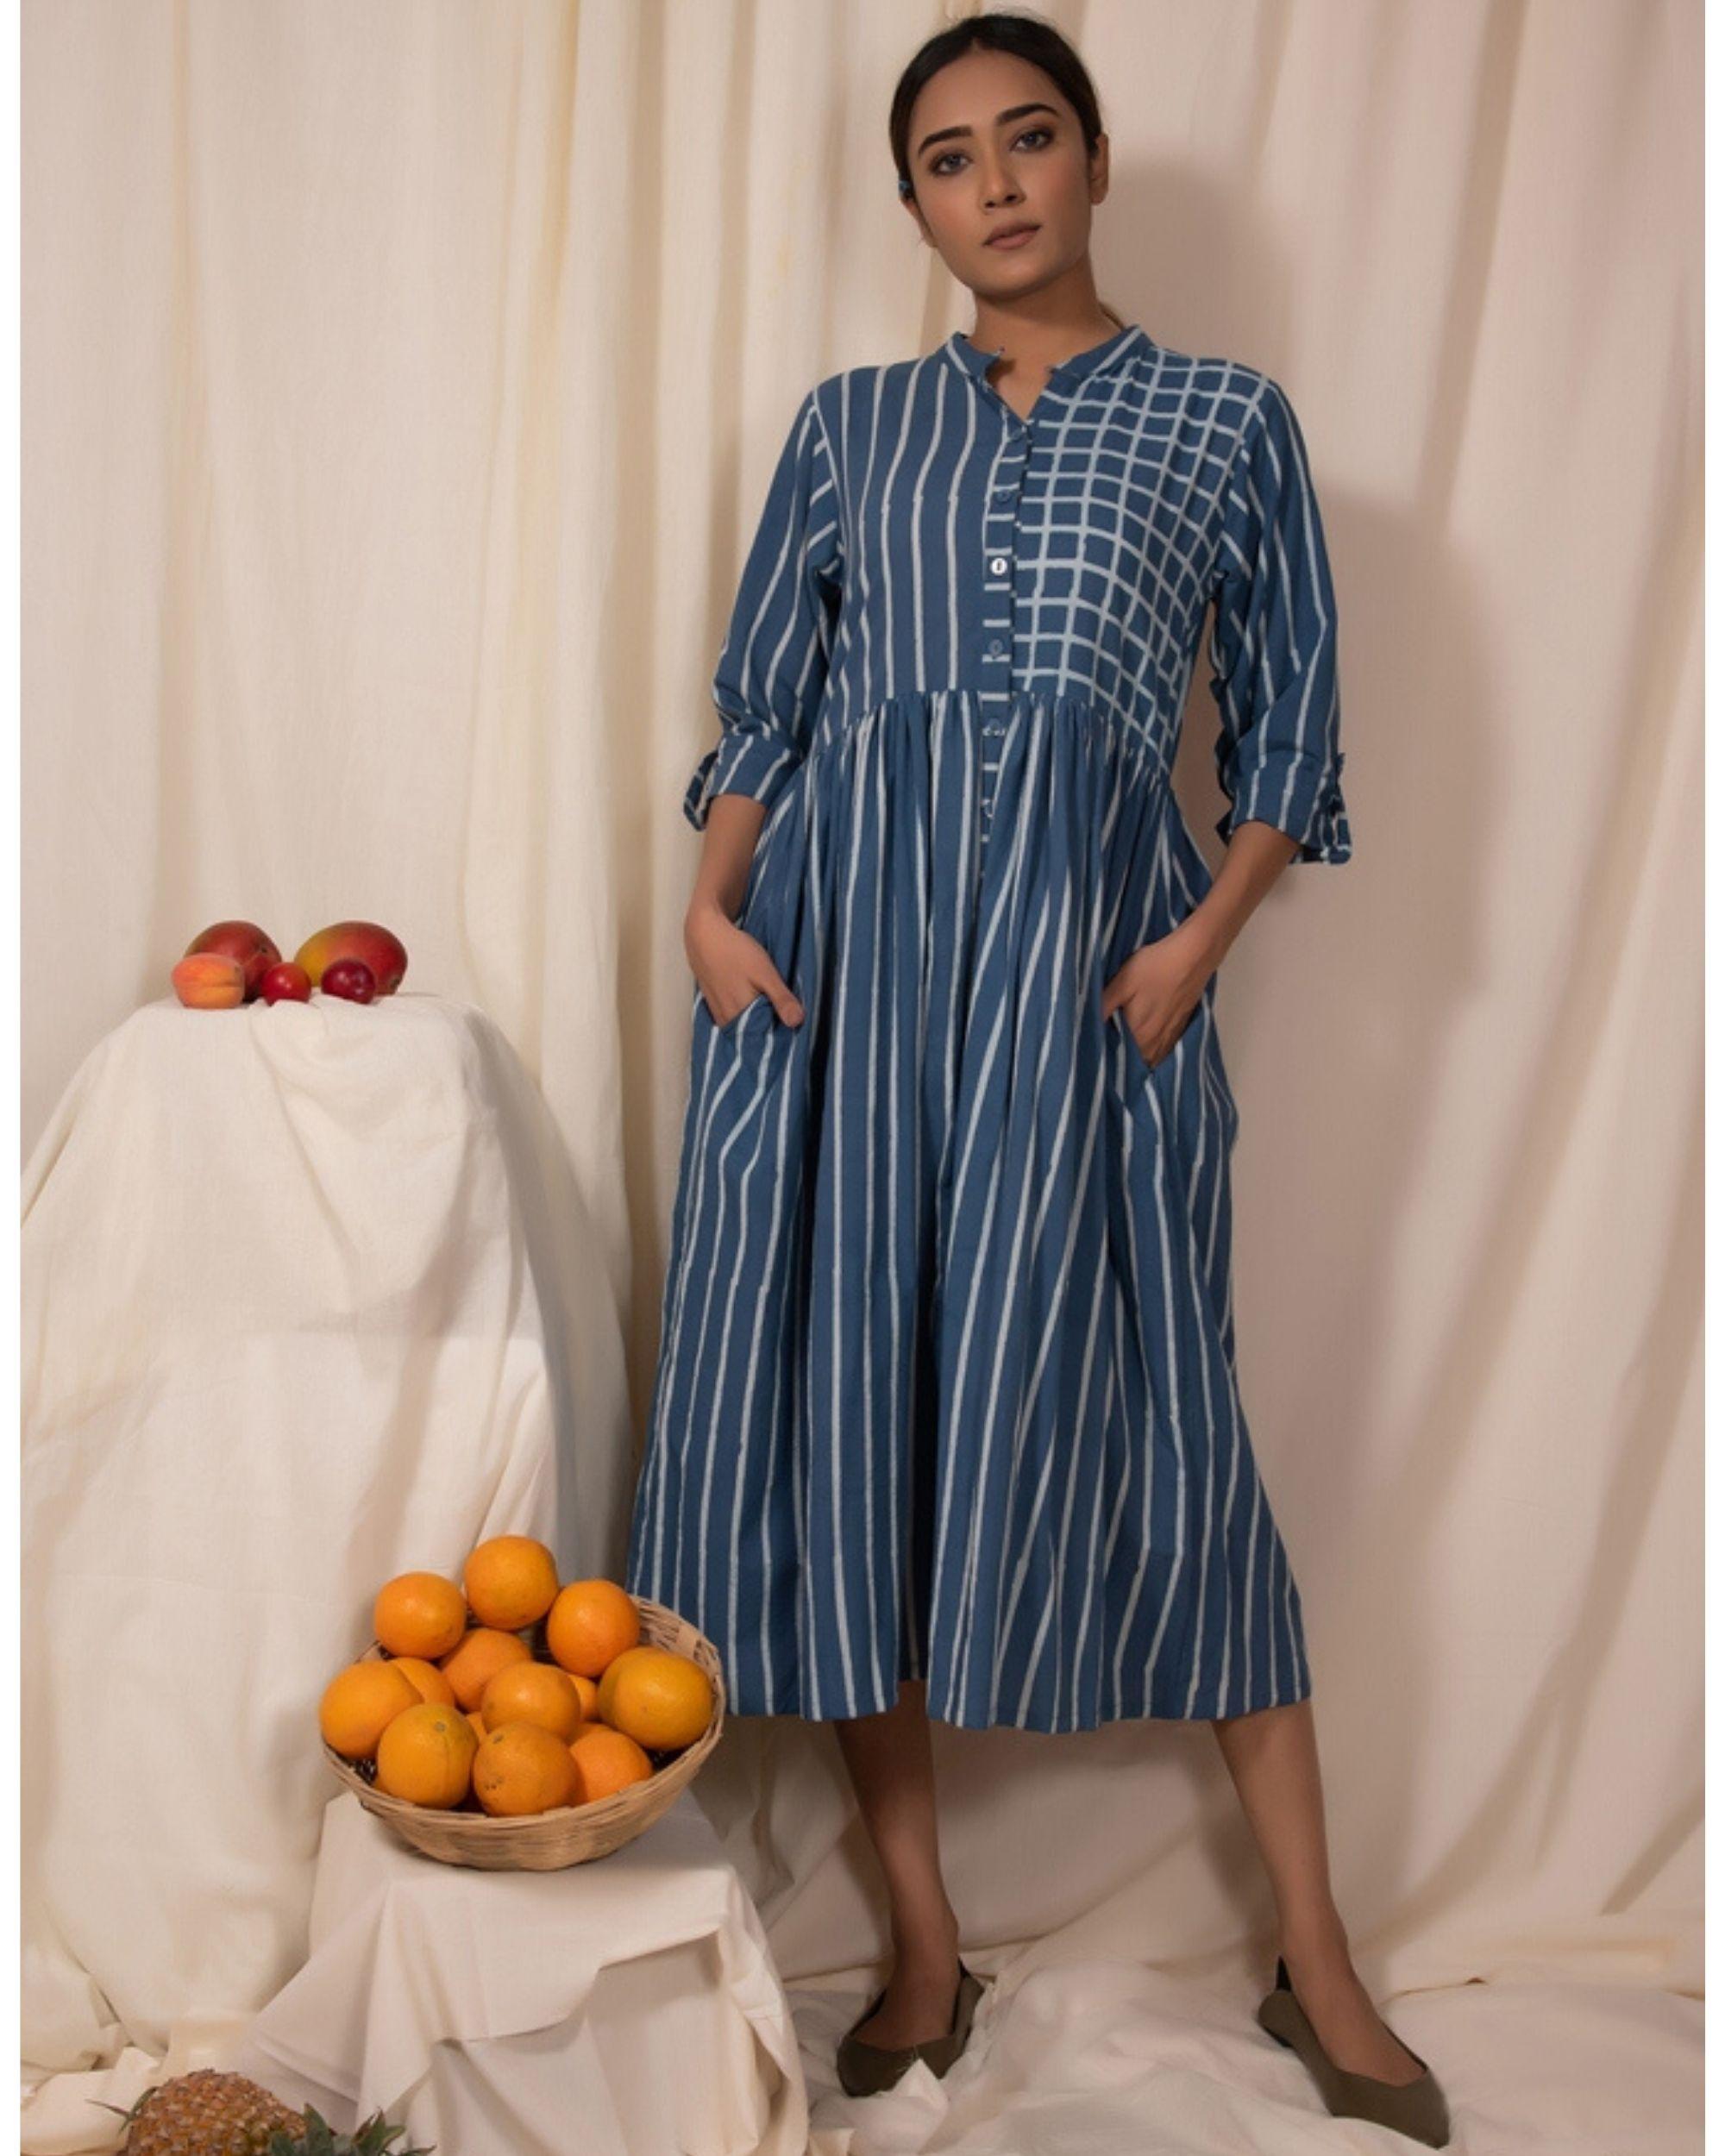 Blue striped button down dress